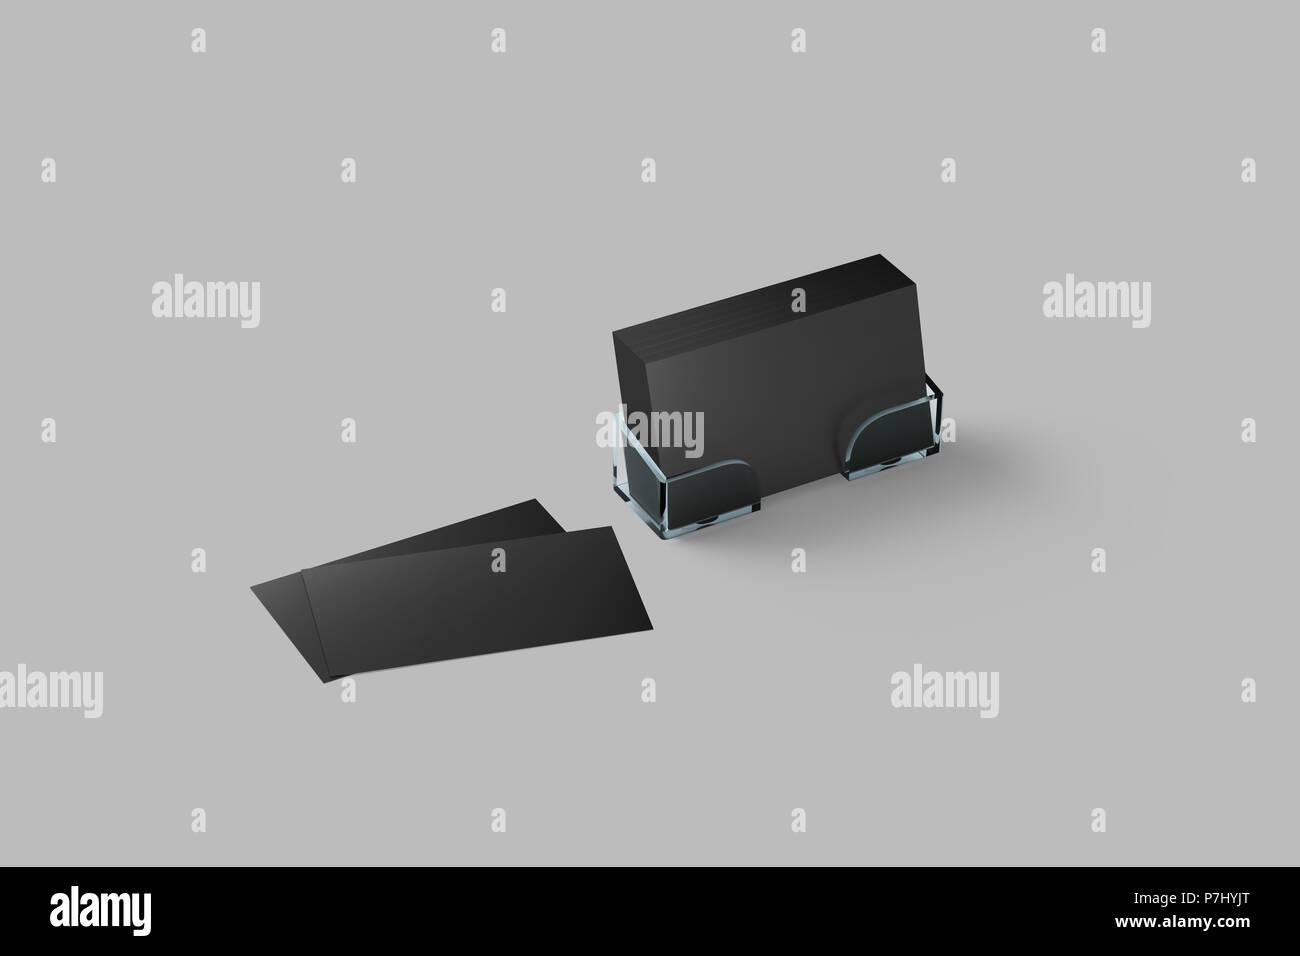 Carte De Visite Immersive En Noir Porte Acrylique Isols Bote Verre Transparent